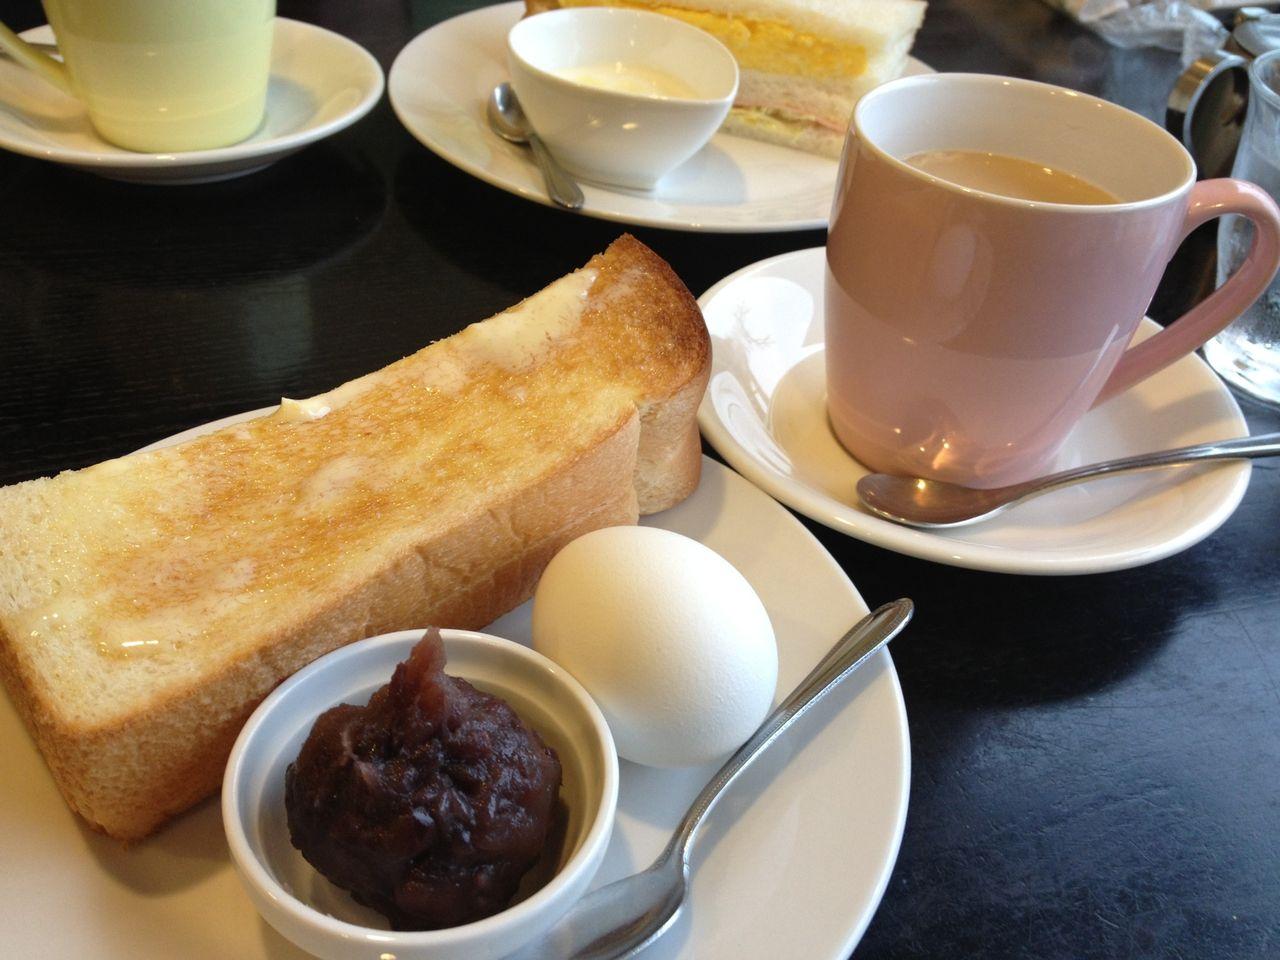 もうひとつは卵やハム、キャベツの入ったサンドウイッチに蜂蜜のかかったヨー... 名古屋モーニング